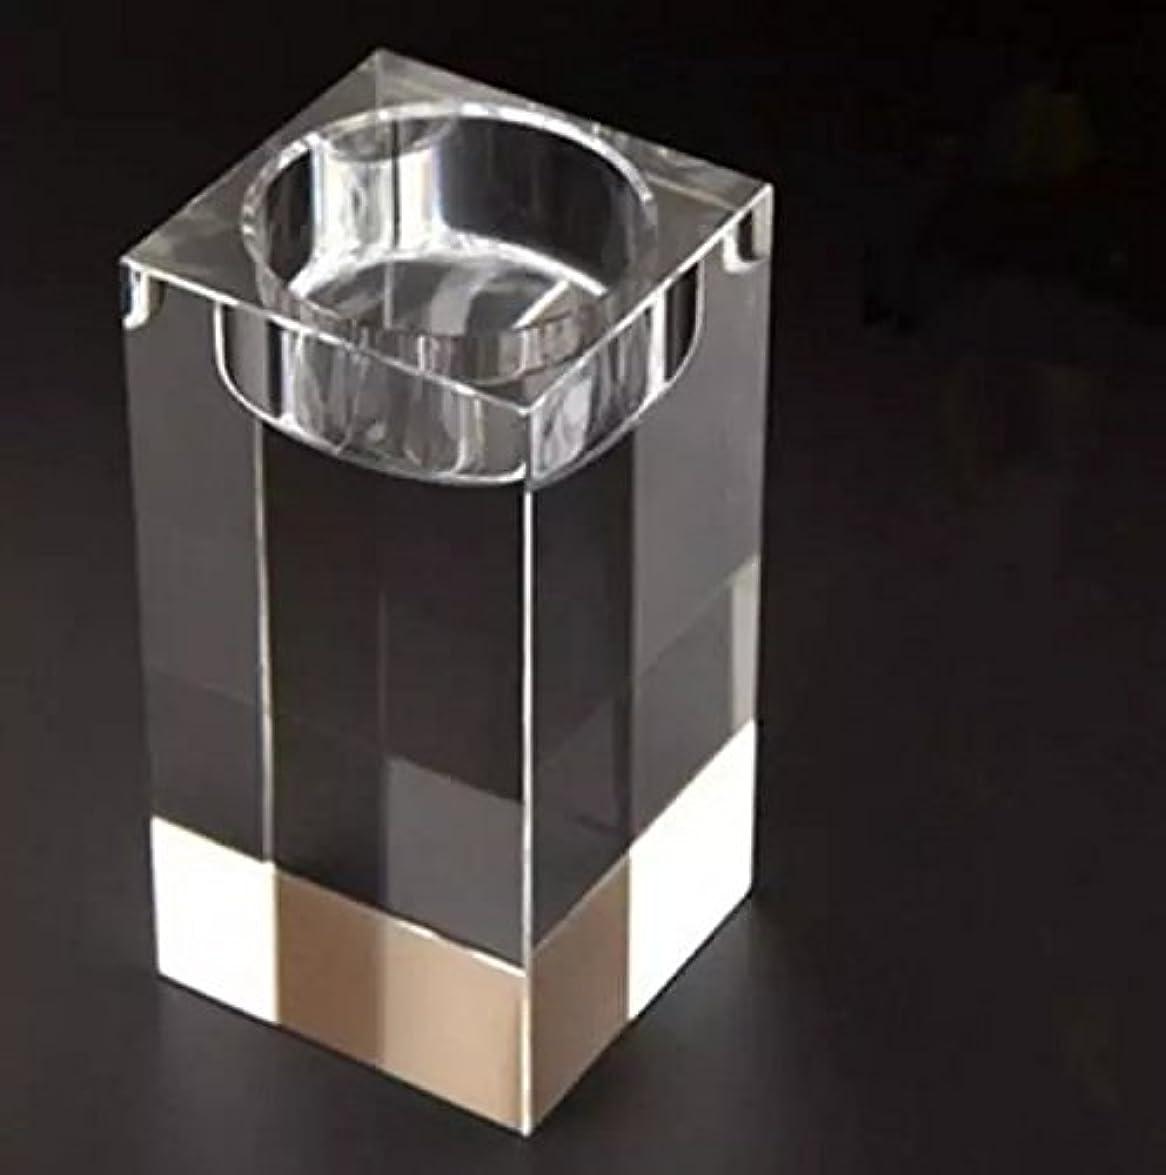 逸脱油育成水晶ガラス キューブ ティーライトキャンドル ィスプレイスタンドホルダークリア レア結晶球ホルダー用結婚式燭台センター ピース-1 pc 6x5x5 cm